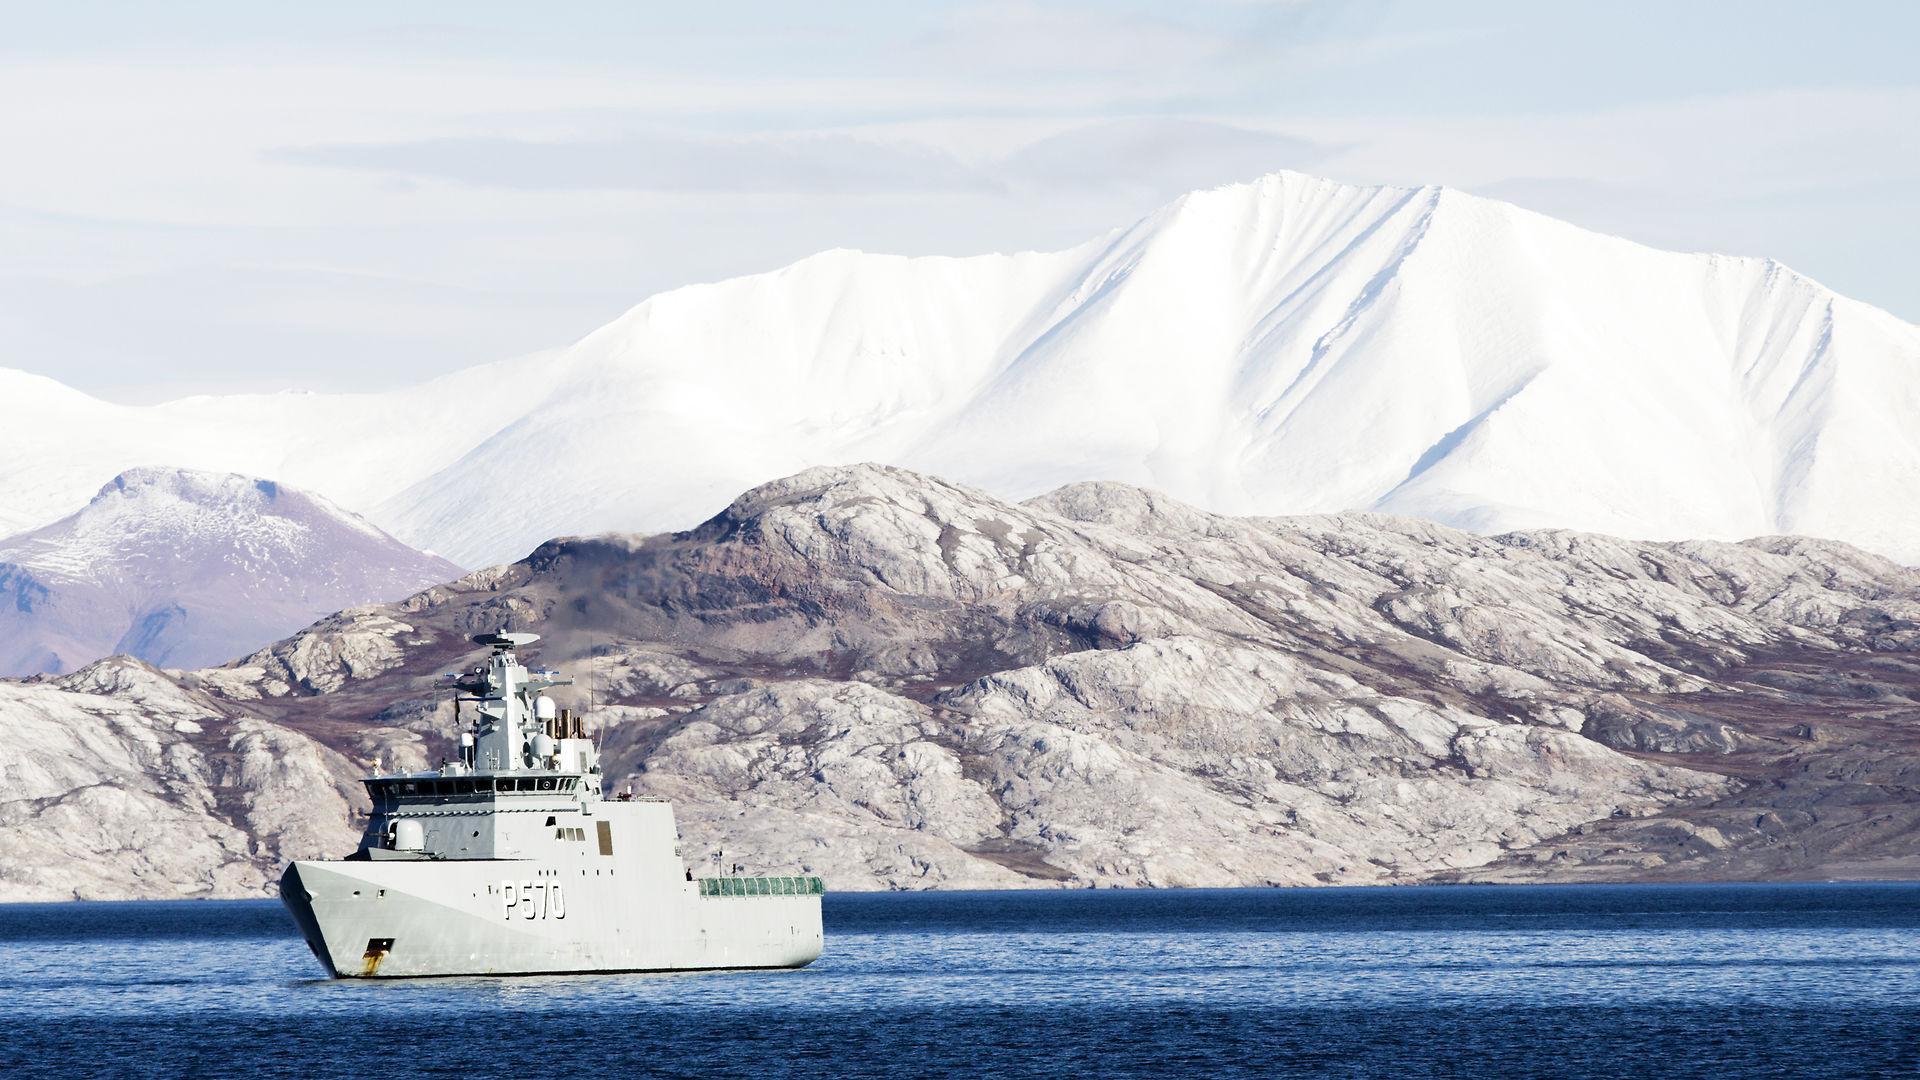 Jon Rahbek-Clemmensen: Selvom USA ikke køber Grønland, skaber den øgede amerikanske interesse fire store udfordringer for Danmark